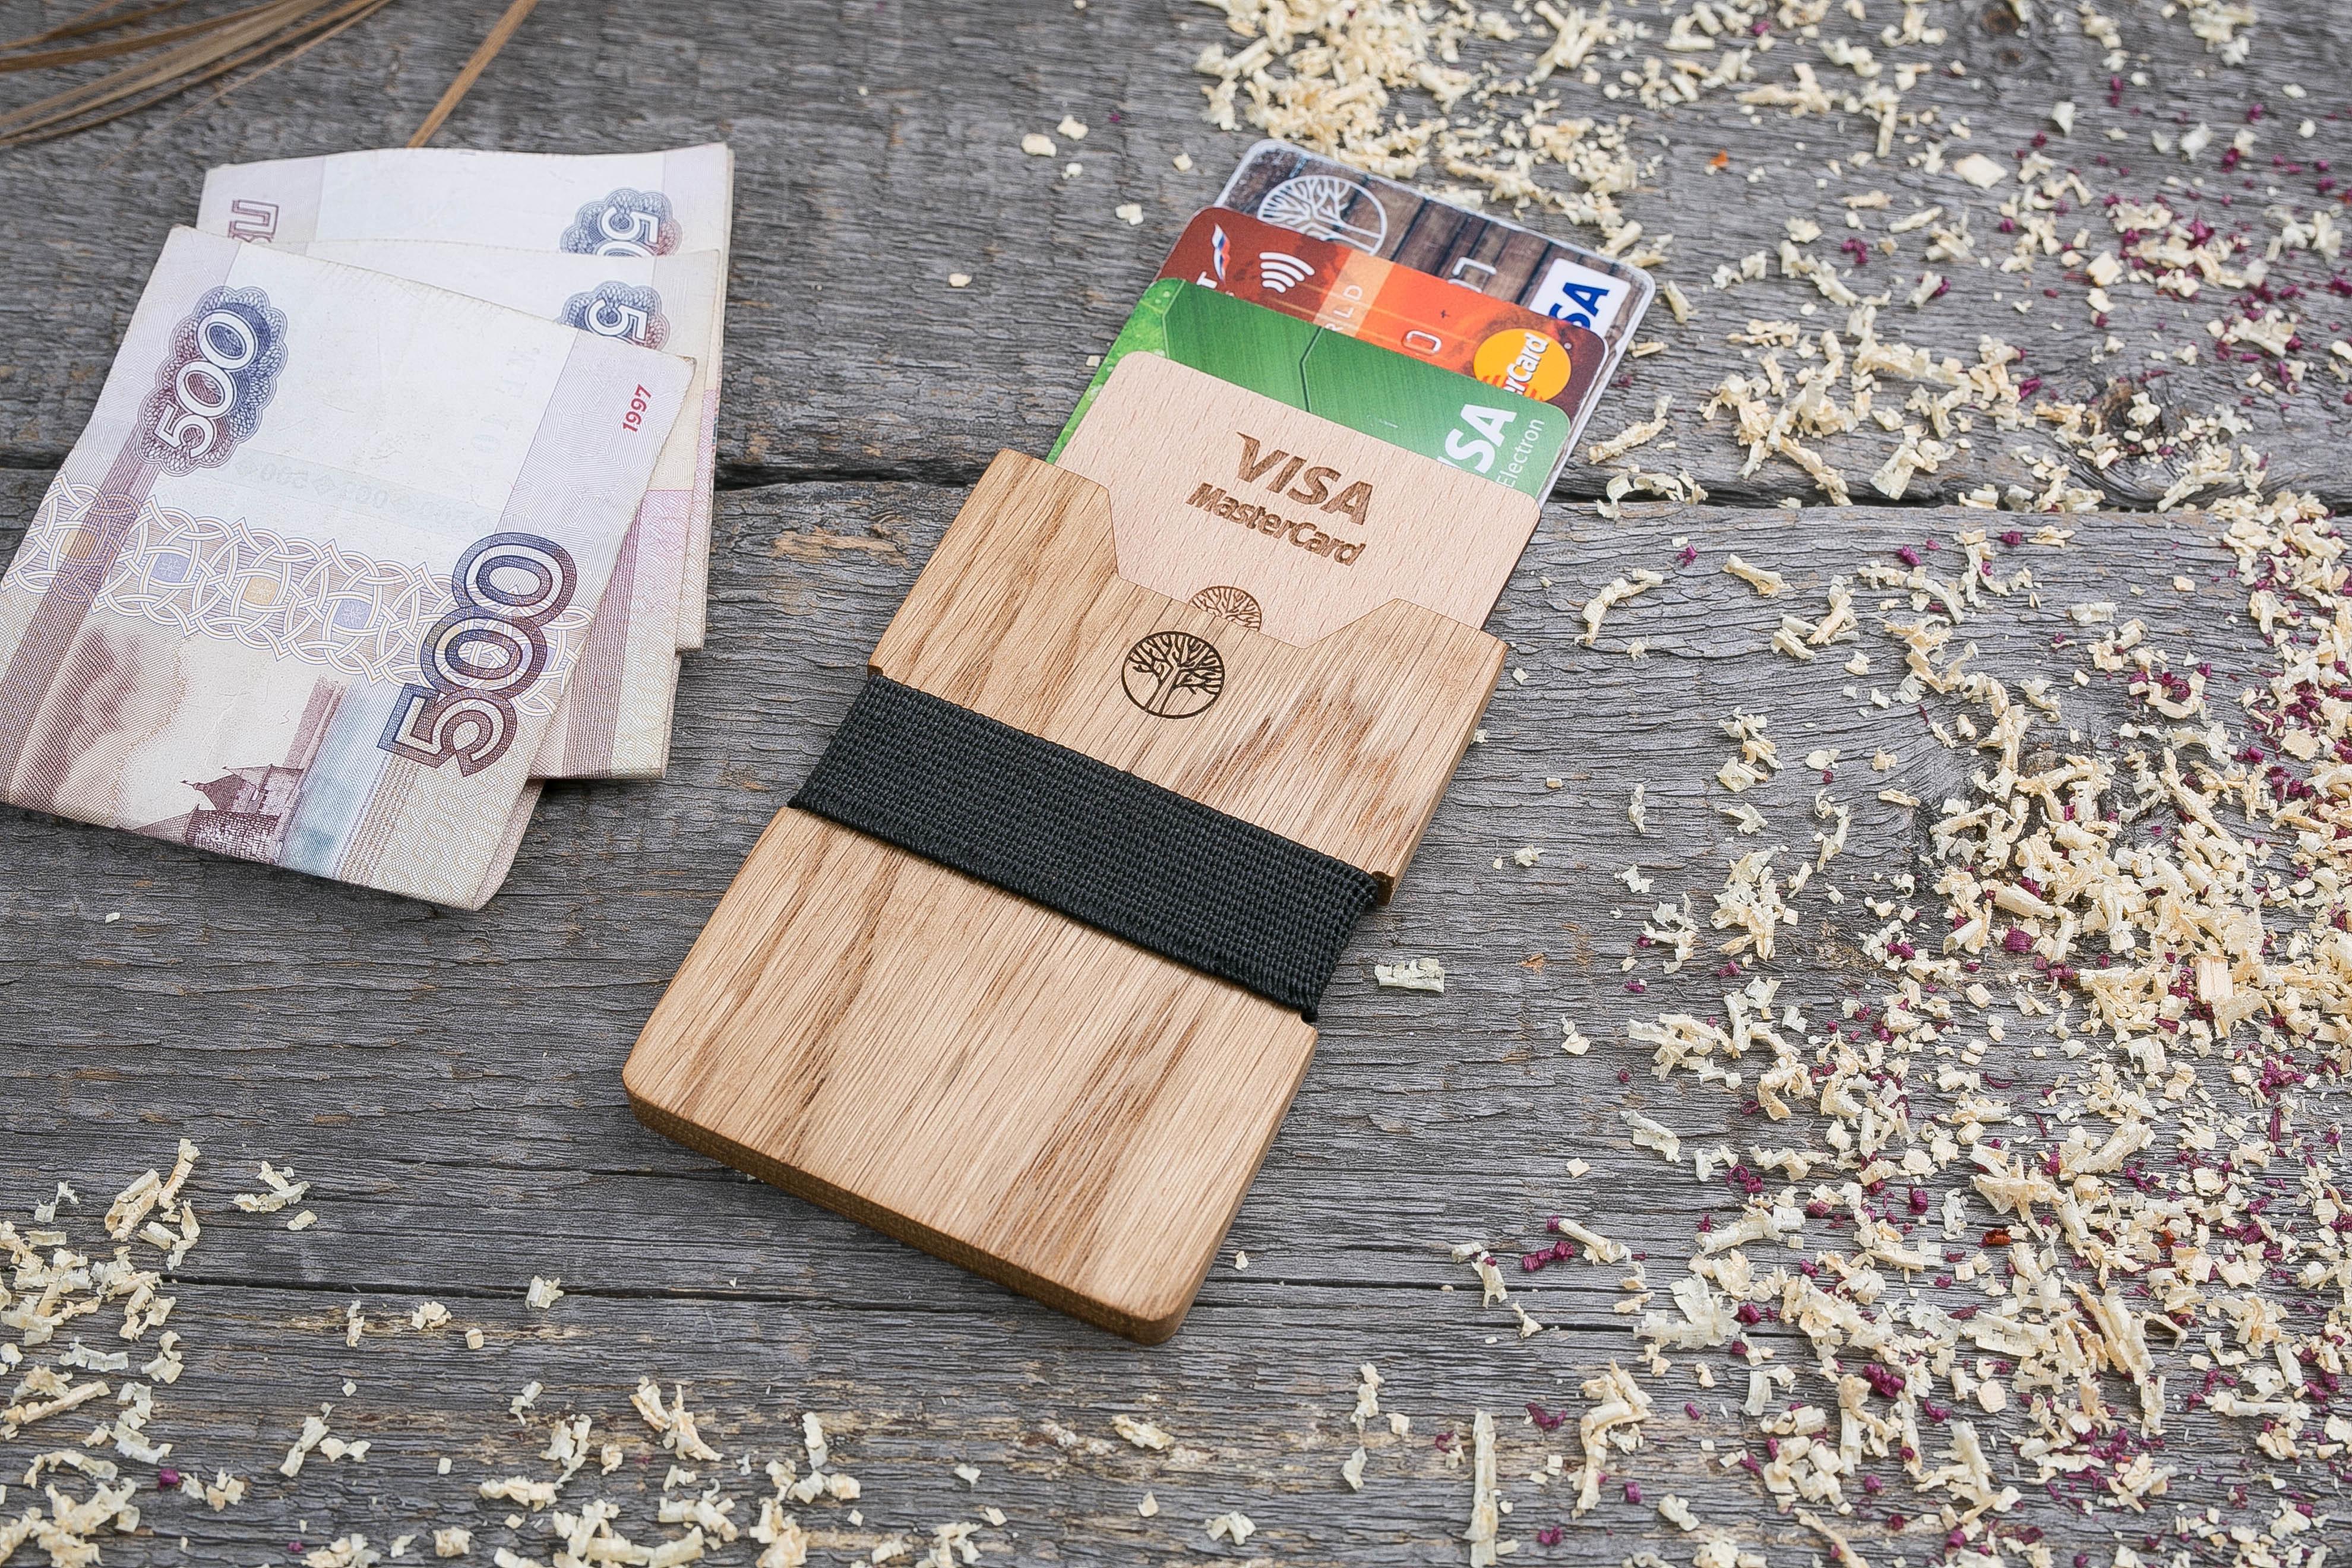 Деревянный кошелек  из дуба. Вертикальная загрузка. Для 1-6 пластиковых карт и купюр. Поддержка Apple Pay. Гравировка имени или логотипа. Бизнес сувенир. Подарок другу. Именной кошелек